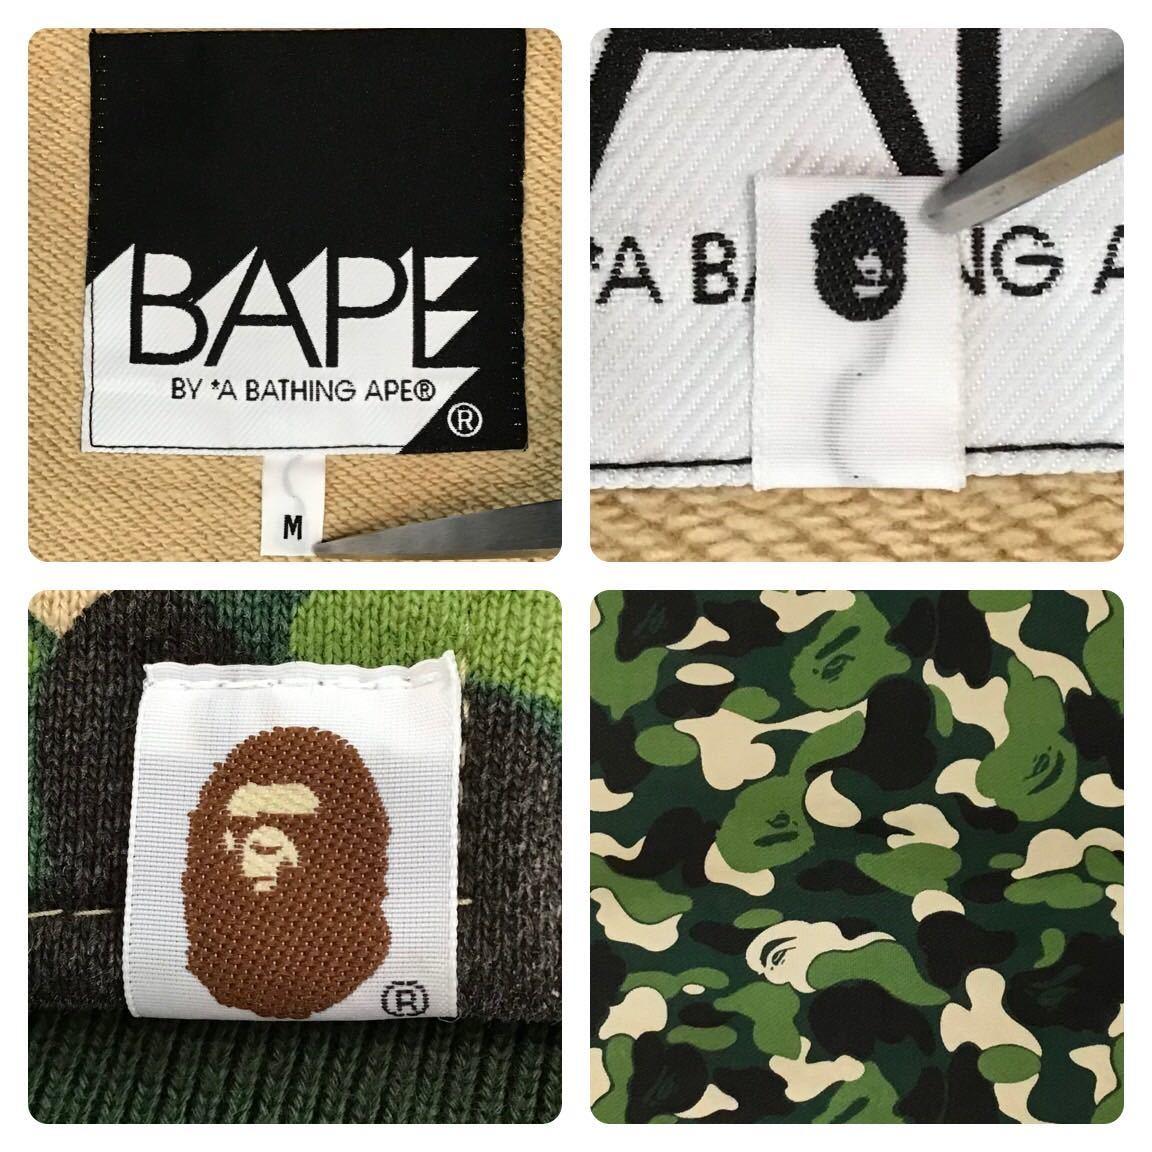 ABC camo スウェット スタジャン Mサイズ a bathing ape BAPE ABCカモ varsity jacket エイプ ベイプ アベイシングエイプ ジャケット kr2